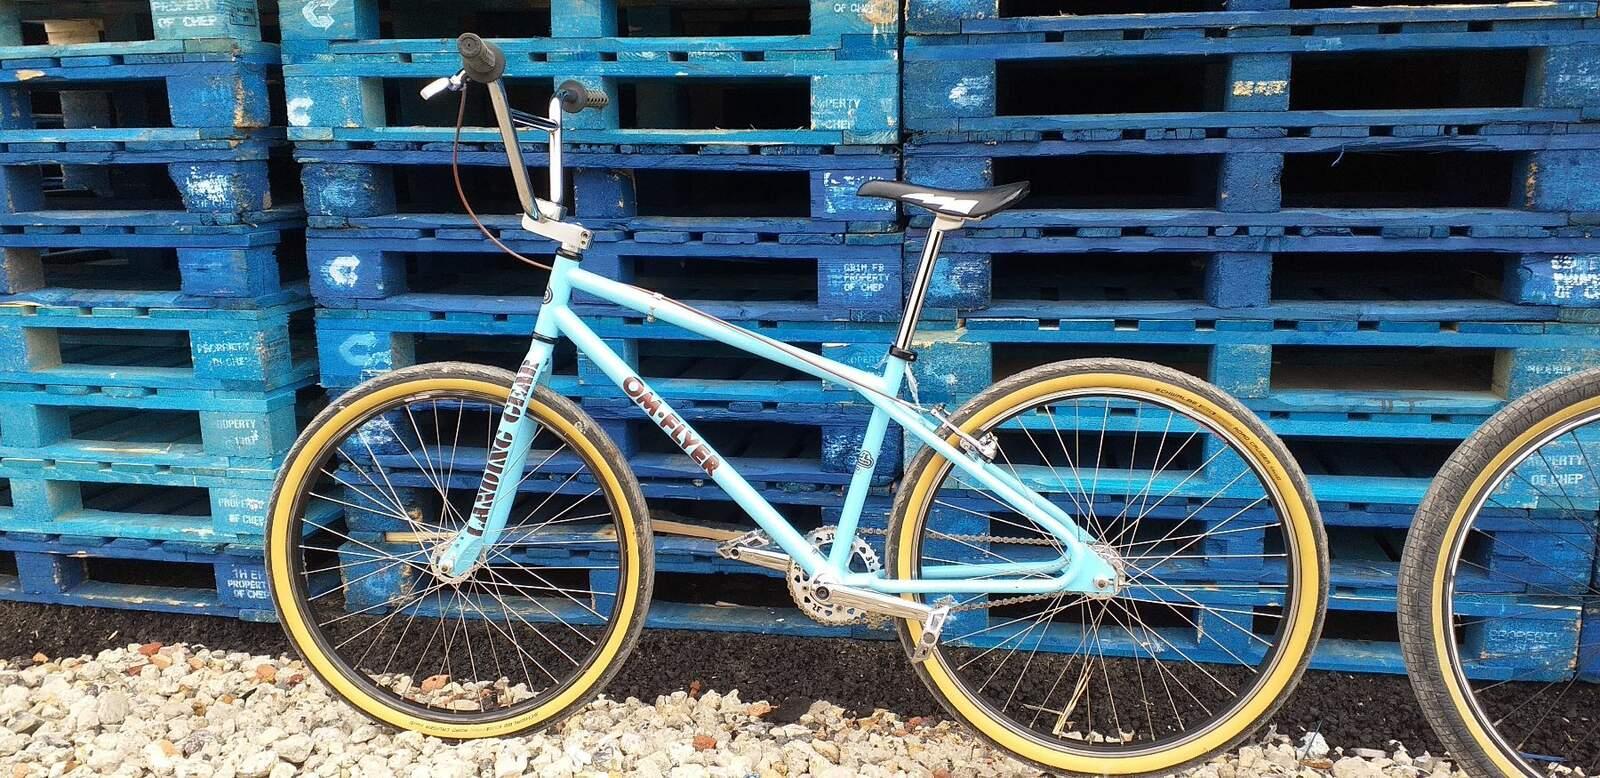 https://s3.amazonaws.com/uploads.bmxmuseum.com/user-images/84768/pallets-bike603f797eee.jpg